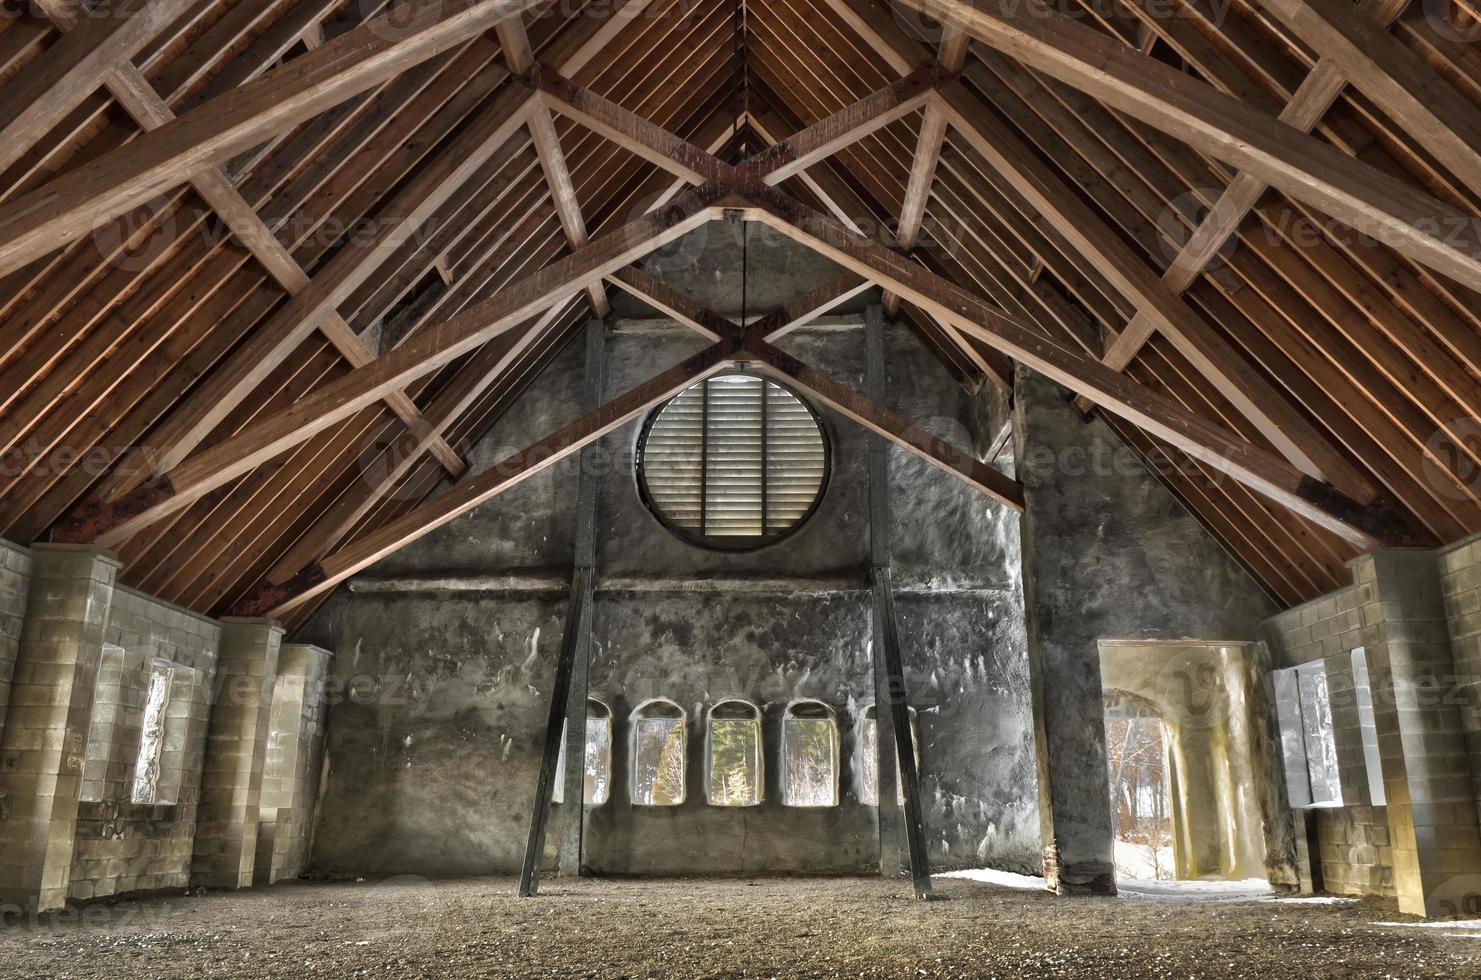 intérieur de l'église en pierre ancienne photo